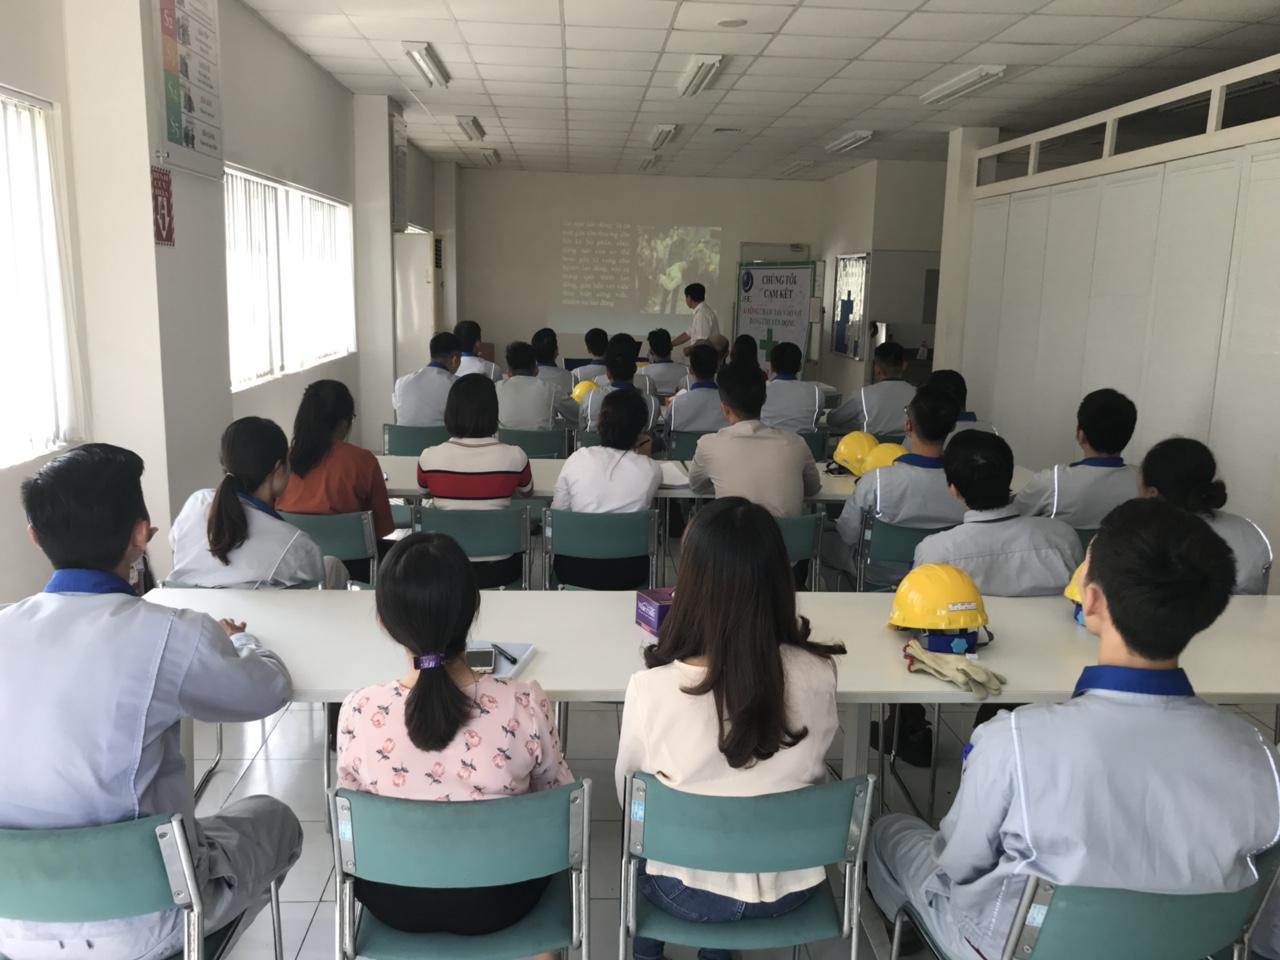 Thông báo mở lớp huấn luyện an toàn lao động theo NĐ 44/2016